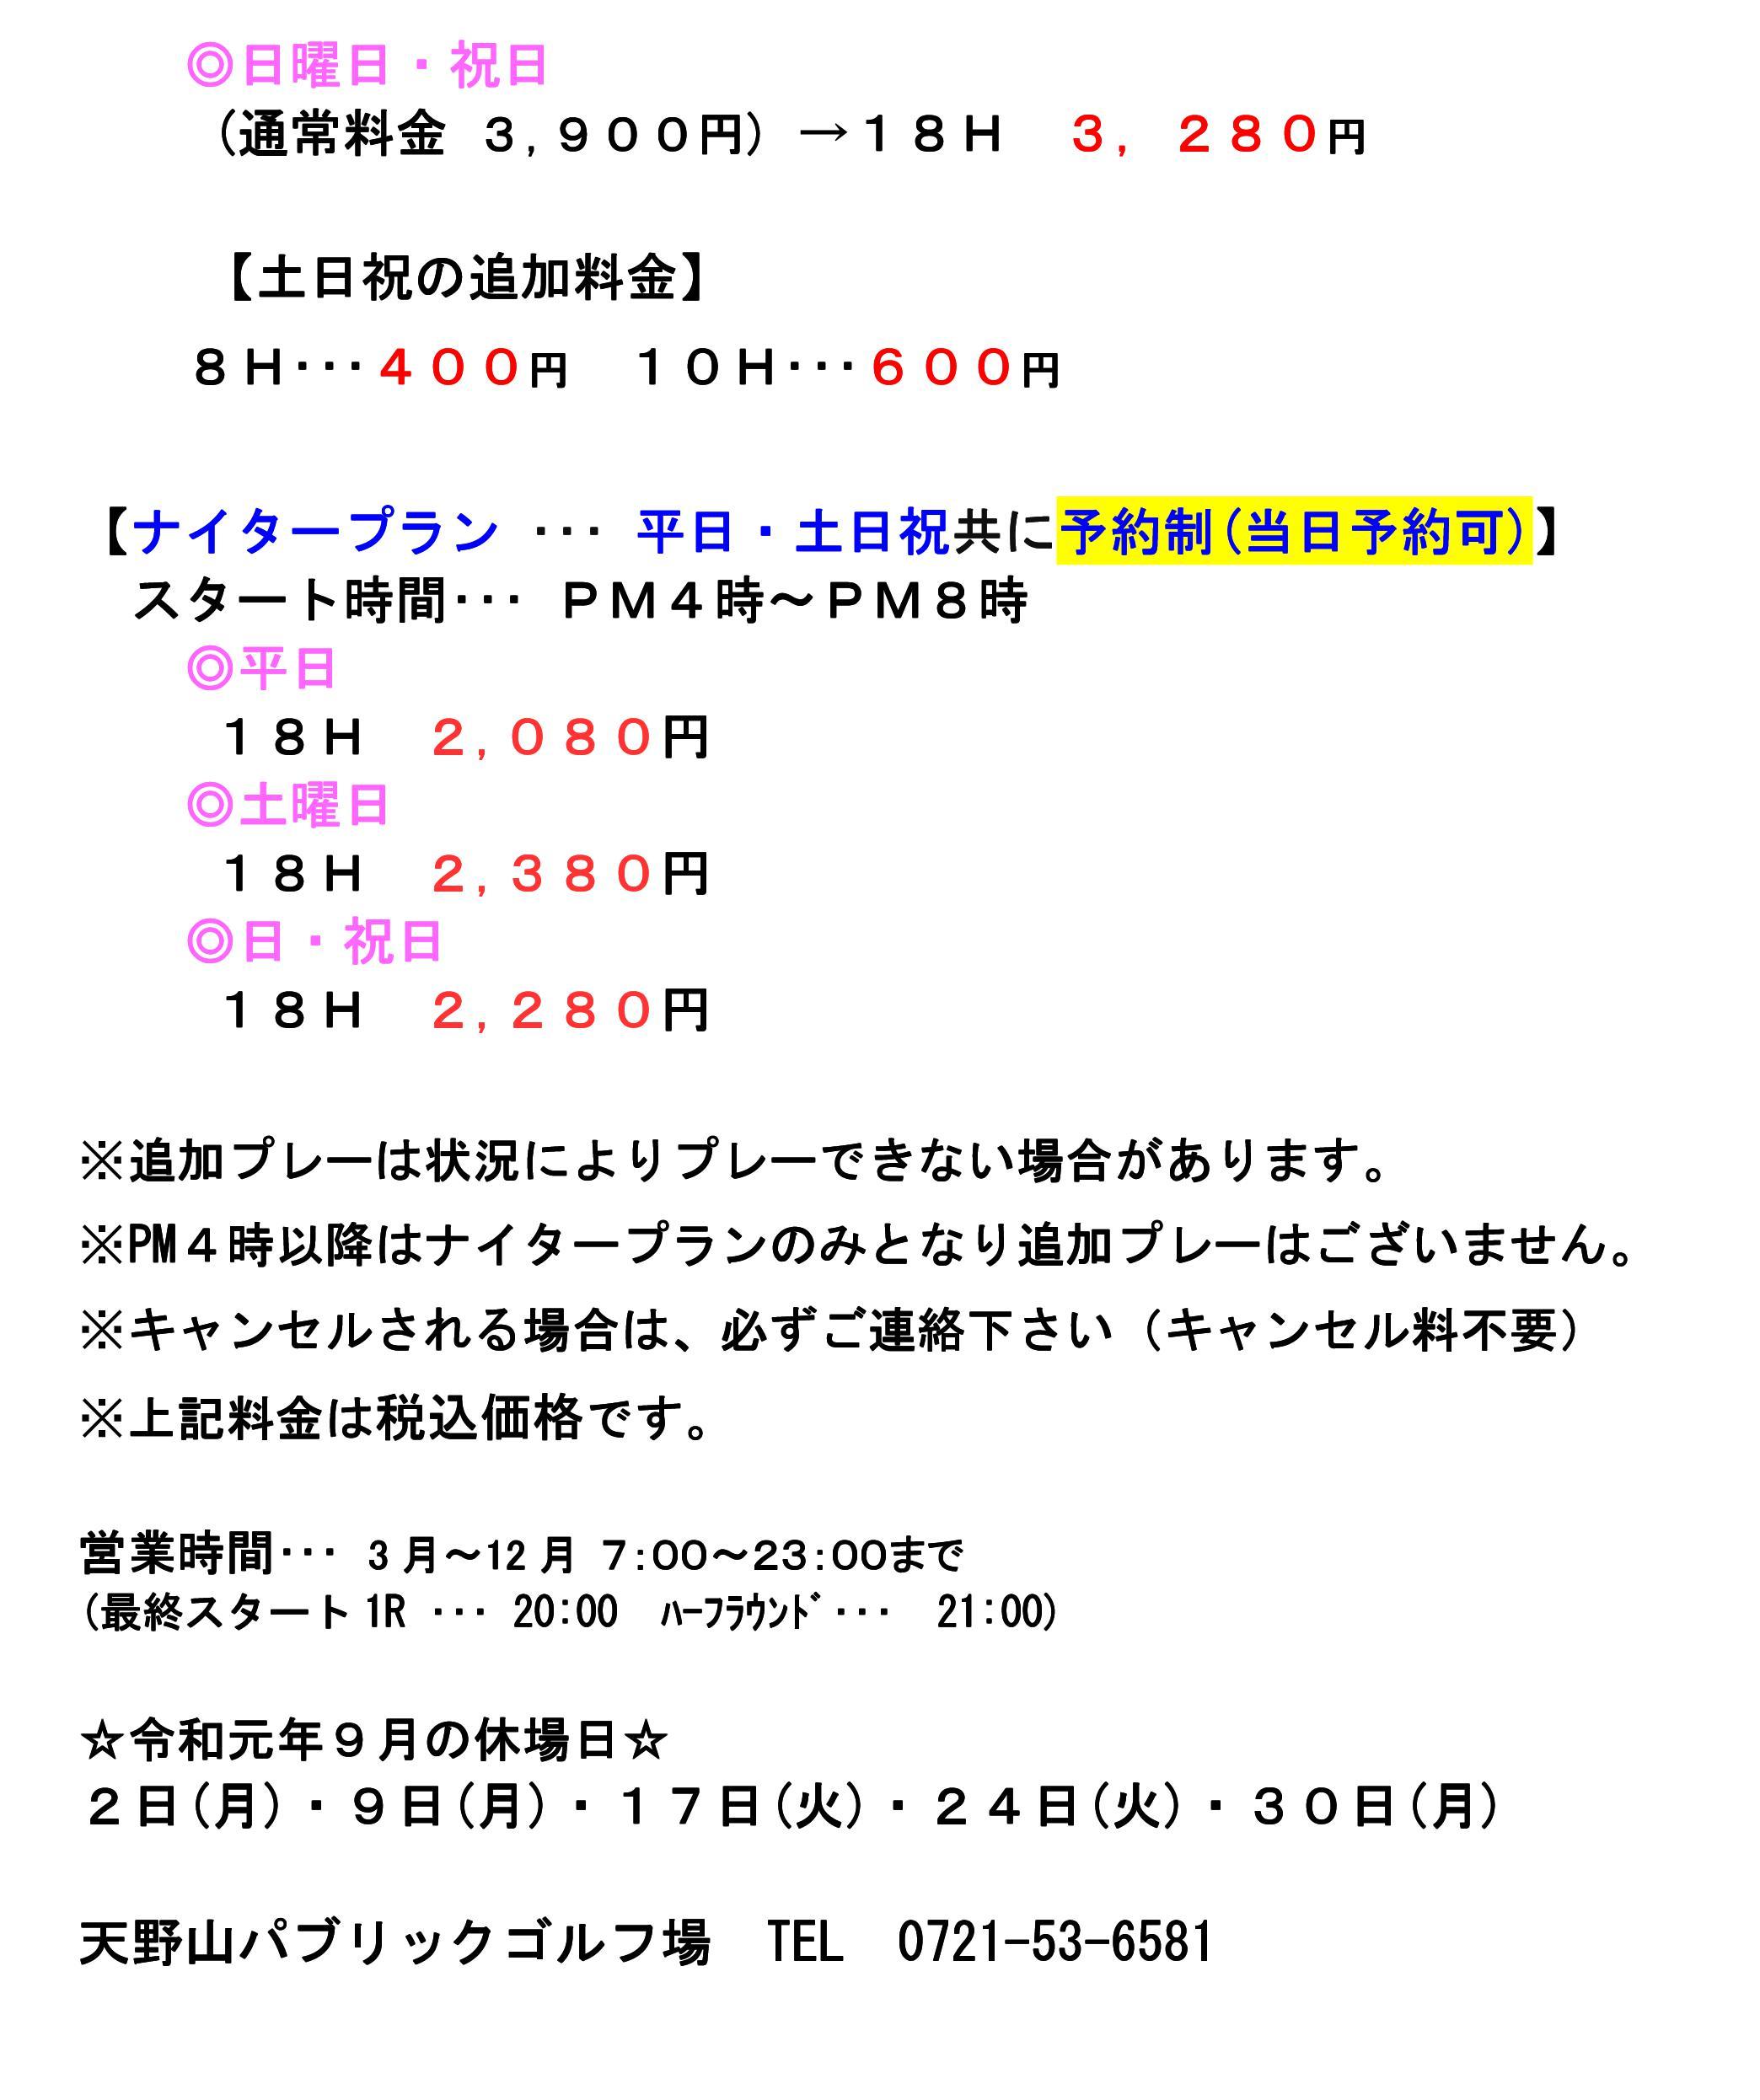 R1-9月割引券色違い-002